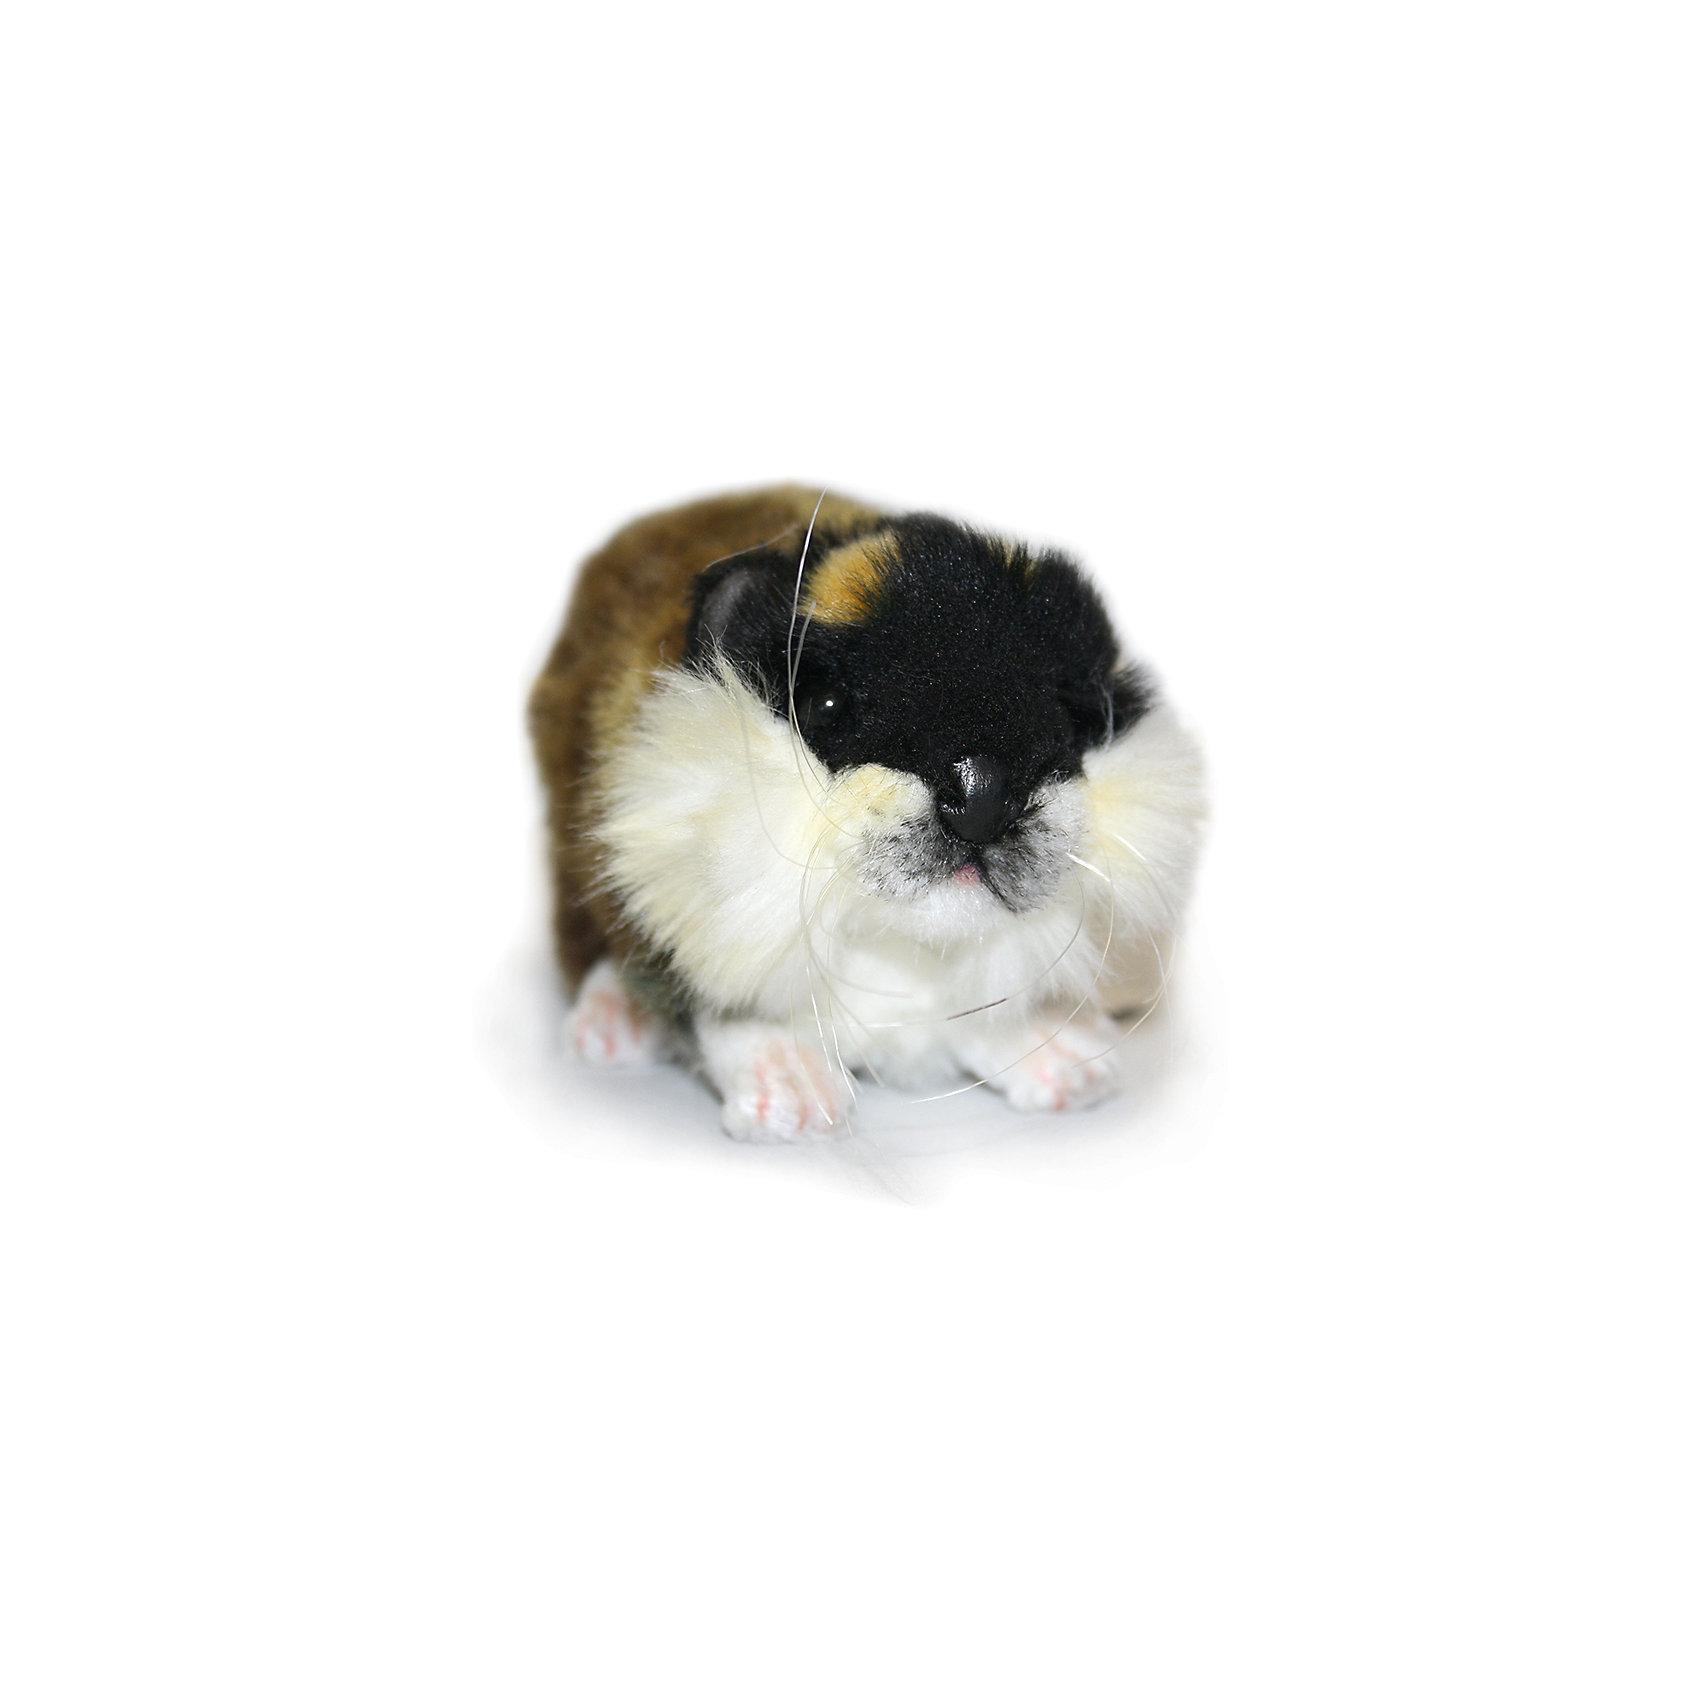 Мягкая игрушка Hansa Норвежский лемминг (морская свинка), 16 смМягкие игрушки животные<br>Характеристики товара:<br><br>• возраст: от 3 лет;<br>• материал: искусственный мех;<br>• длина игрушки: 16 см;<br>• размер упаковки: 16х9х8 см;<br>• вес упаковки: 35 гр.;<br>• страна производитель: Филиппины.<br><br>Мягкая игрушка Норвежский лемминг Hansa 16 см — пушистая морская свинка с глазками-пуговками, которая станет для ребенка любимым домашним питомцем. Игрушку можно брать с собой на прогулку, в детский садик, в гости и устраивать вместе с друзьями веселые игры. <br><br>Внутри проходит титановый каркас, который позволяет менять положение лап, туловища, поворачивать голову. Игрушка сделана из качественных безопасных материалов.<br><br>Мягкую игрушку Норвежский лемминг Hansa 16 см можно приобрести в нашем интернет-магазине.<br><br>Ширина мм: 160<br>Глубина мм: 90<br>Высота мм: 80<br>Вес г: 35<br>Возраст от месяцев: 36<br>Возраст до месяцев: 2147483647<br>Пол: Унисекс<br>Возраст: Детский<br>SKU: 6680737